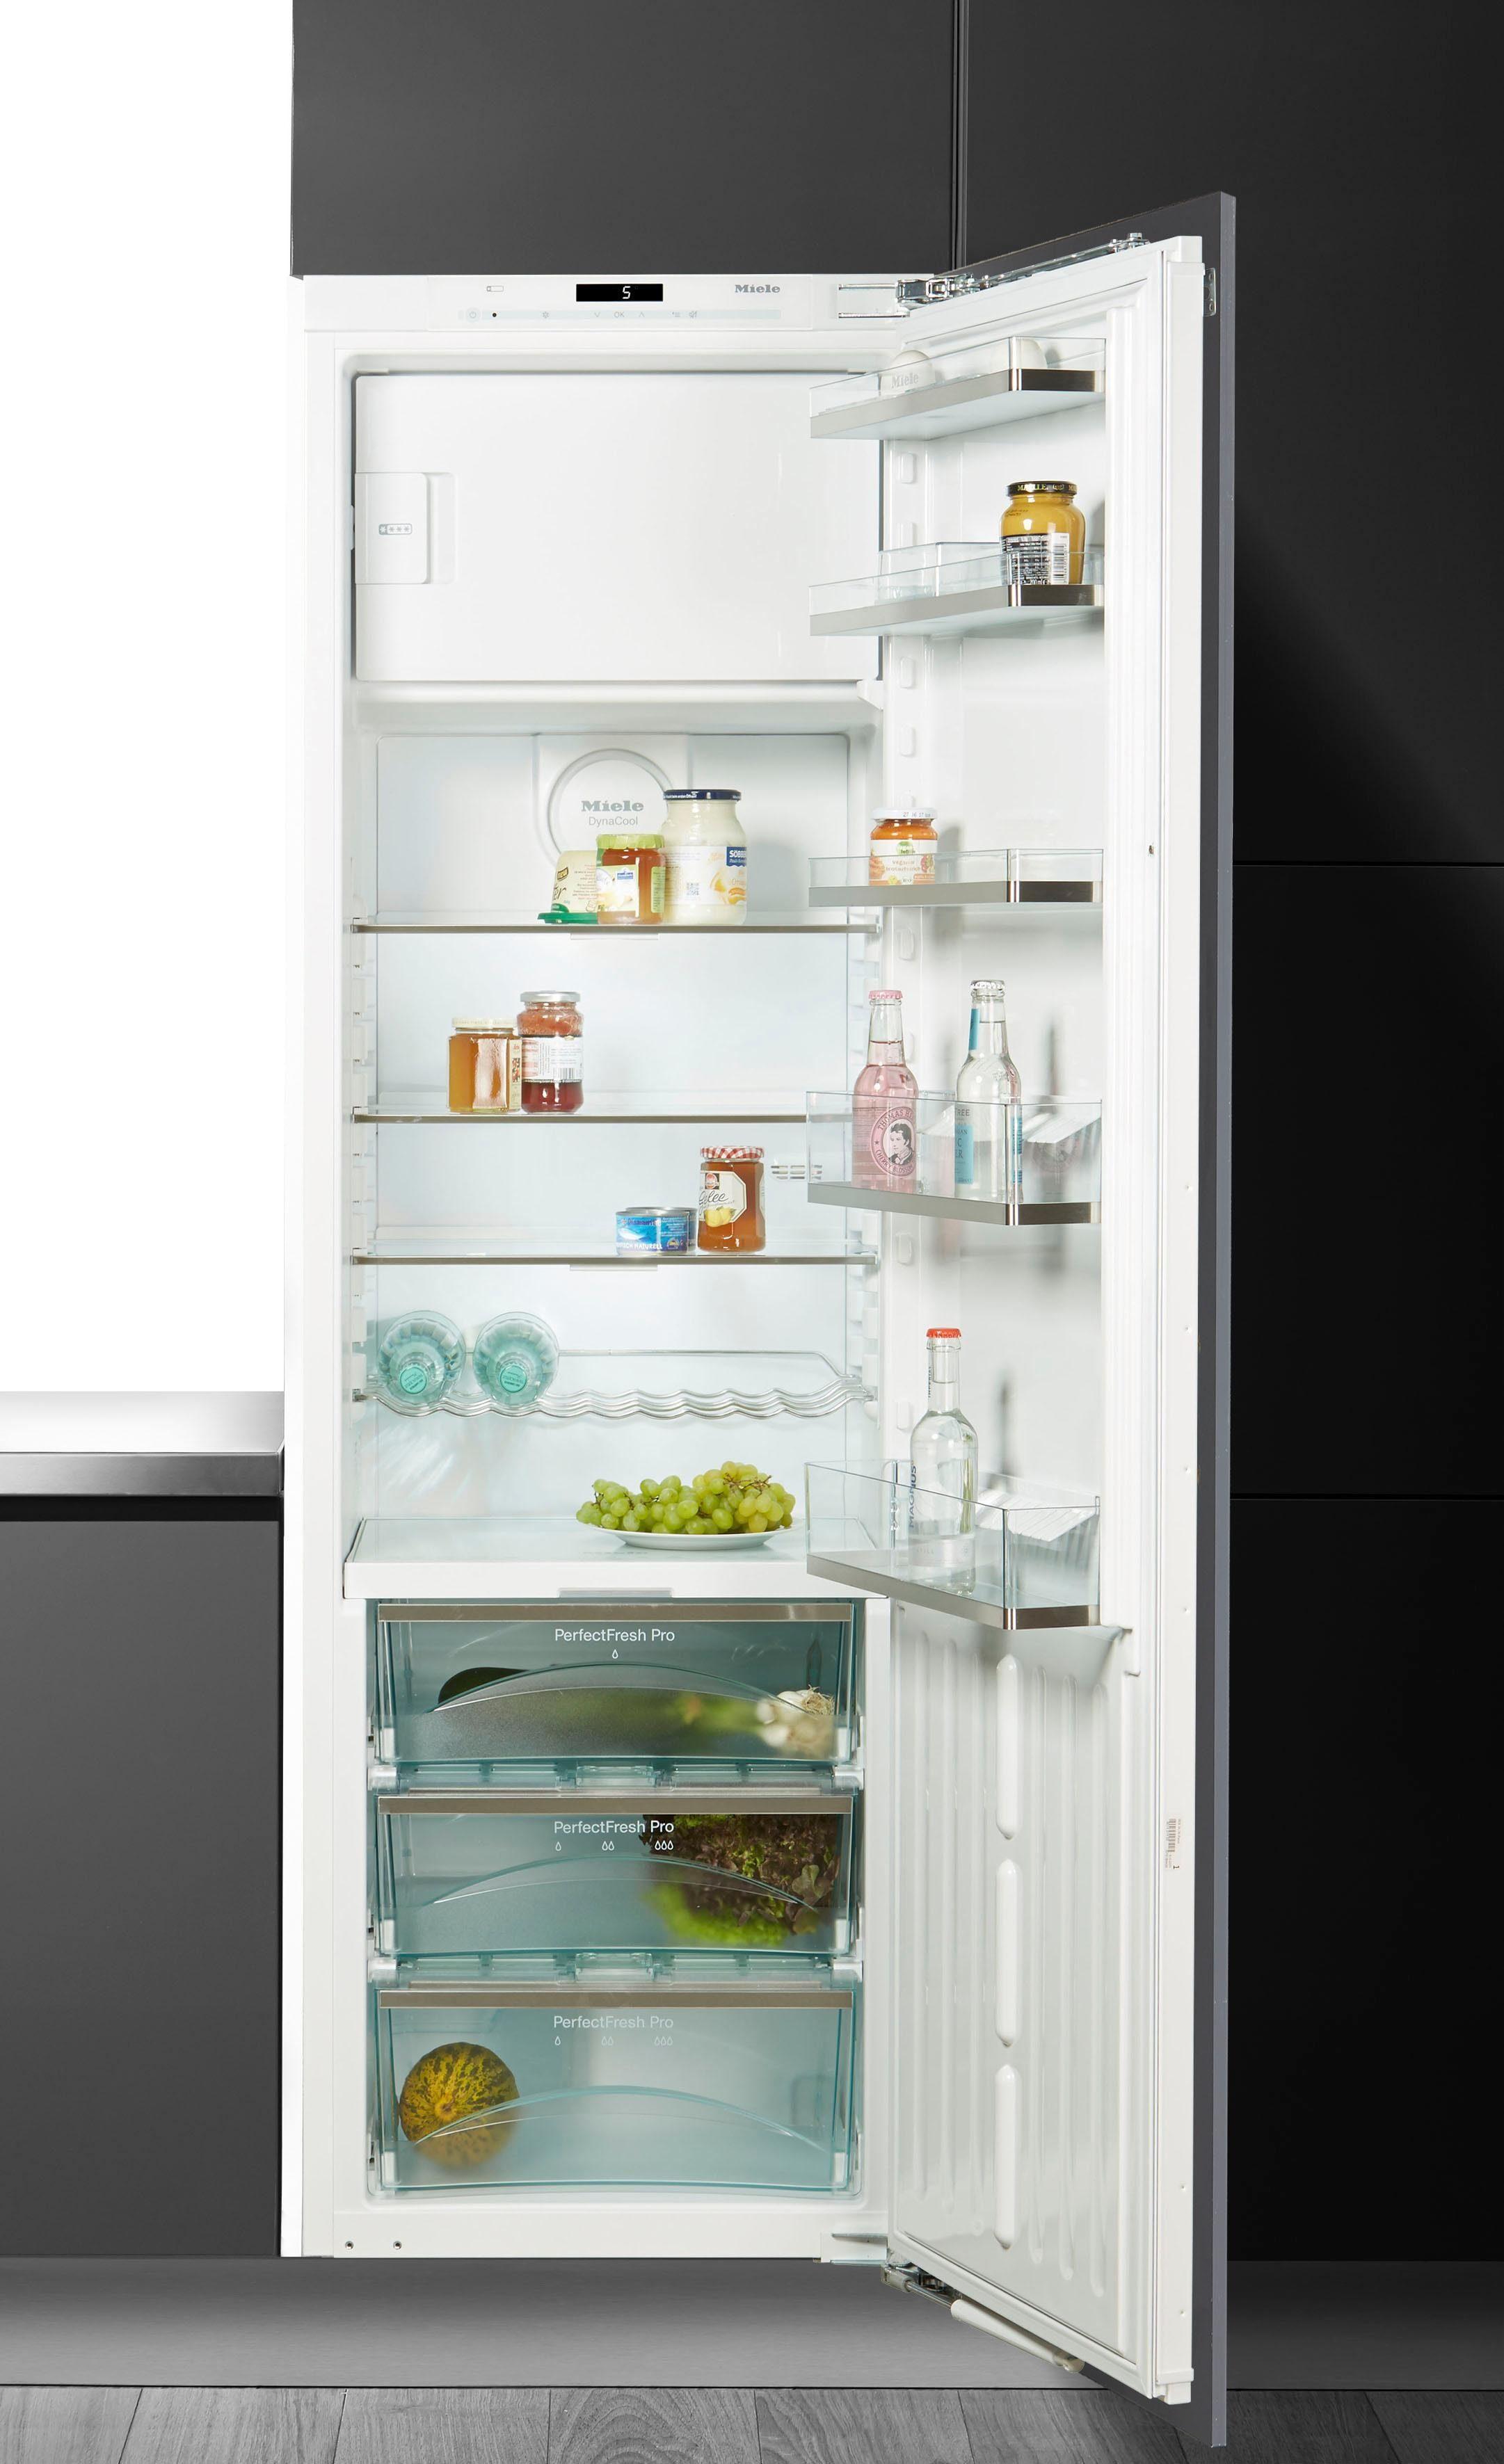 Miele Einbaukühlschrank K 37683 iD, 177 cm hoch, 55,9 cm breit